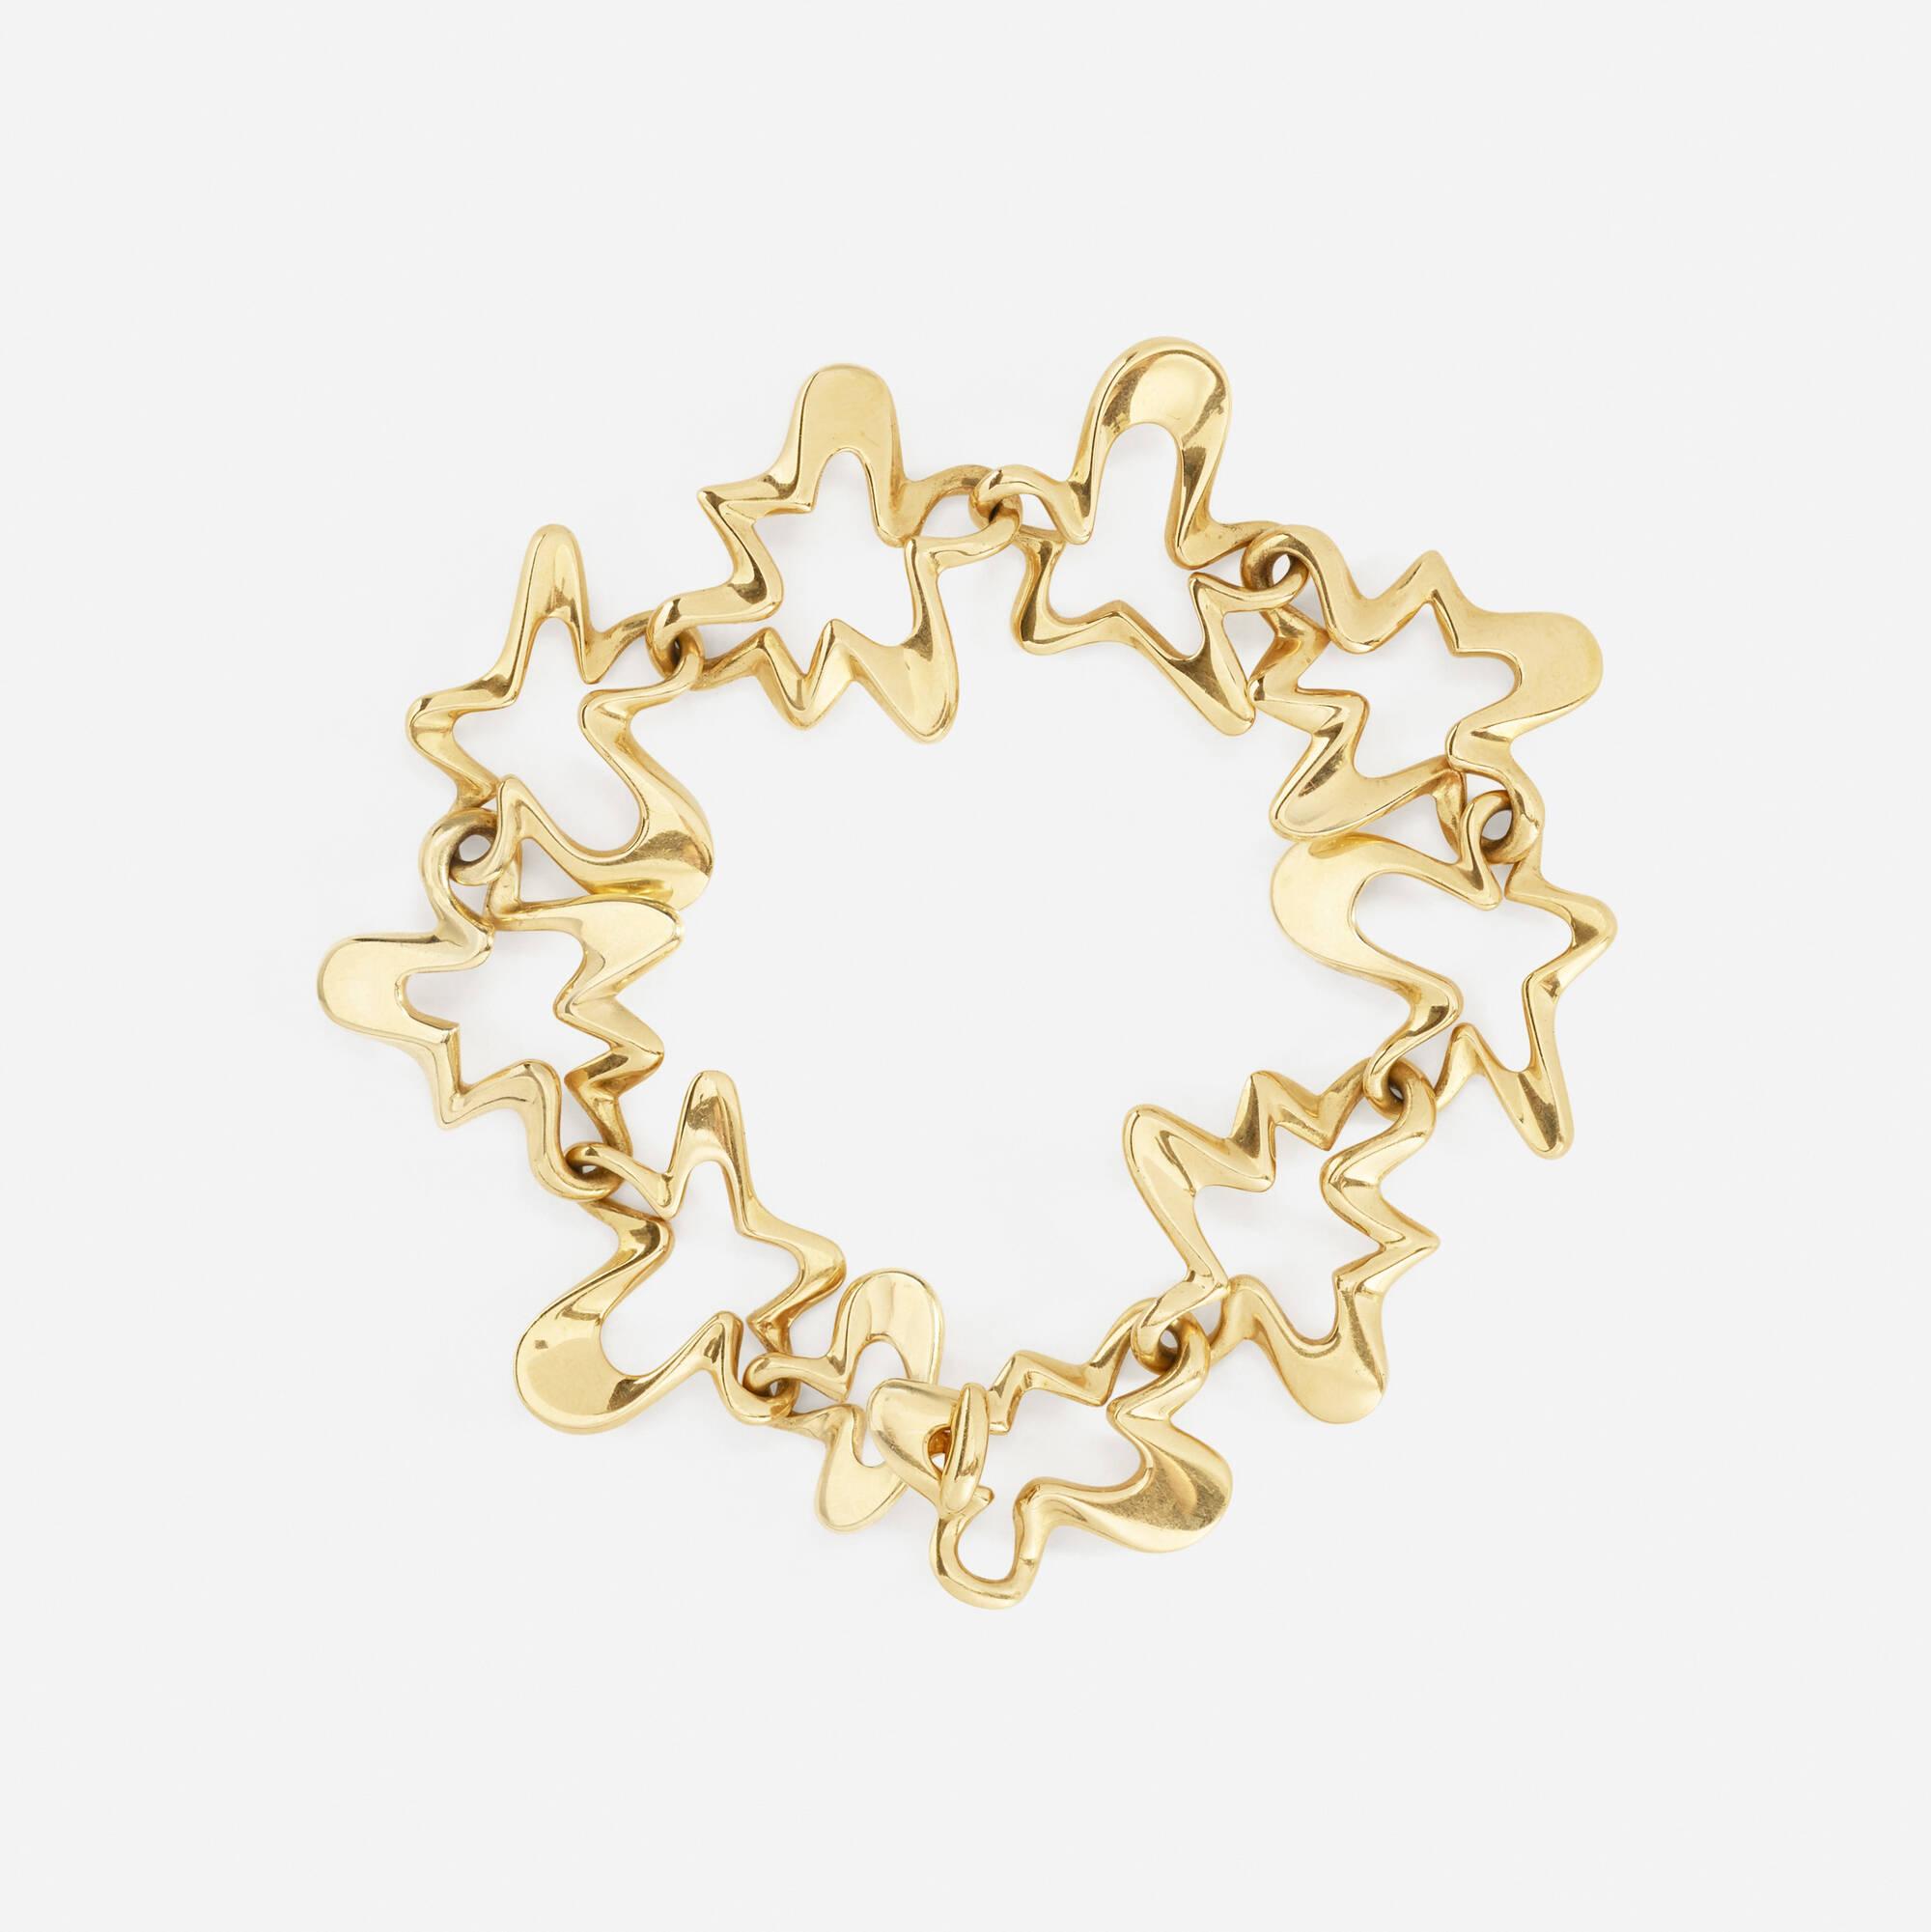 122: Henning Koppel for Georg Jensen / A gold bracelet (2 of 2)